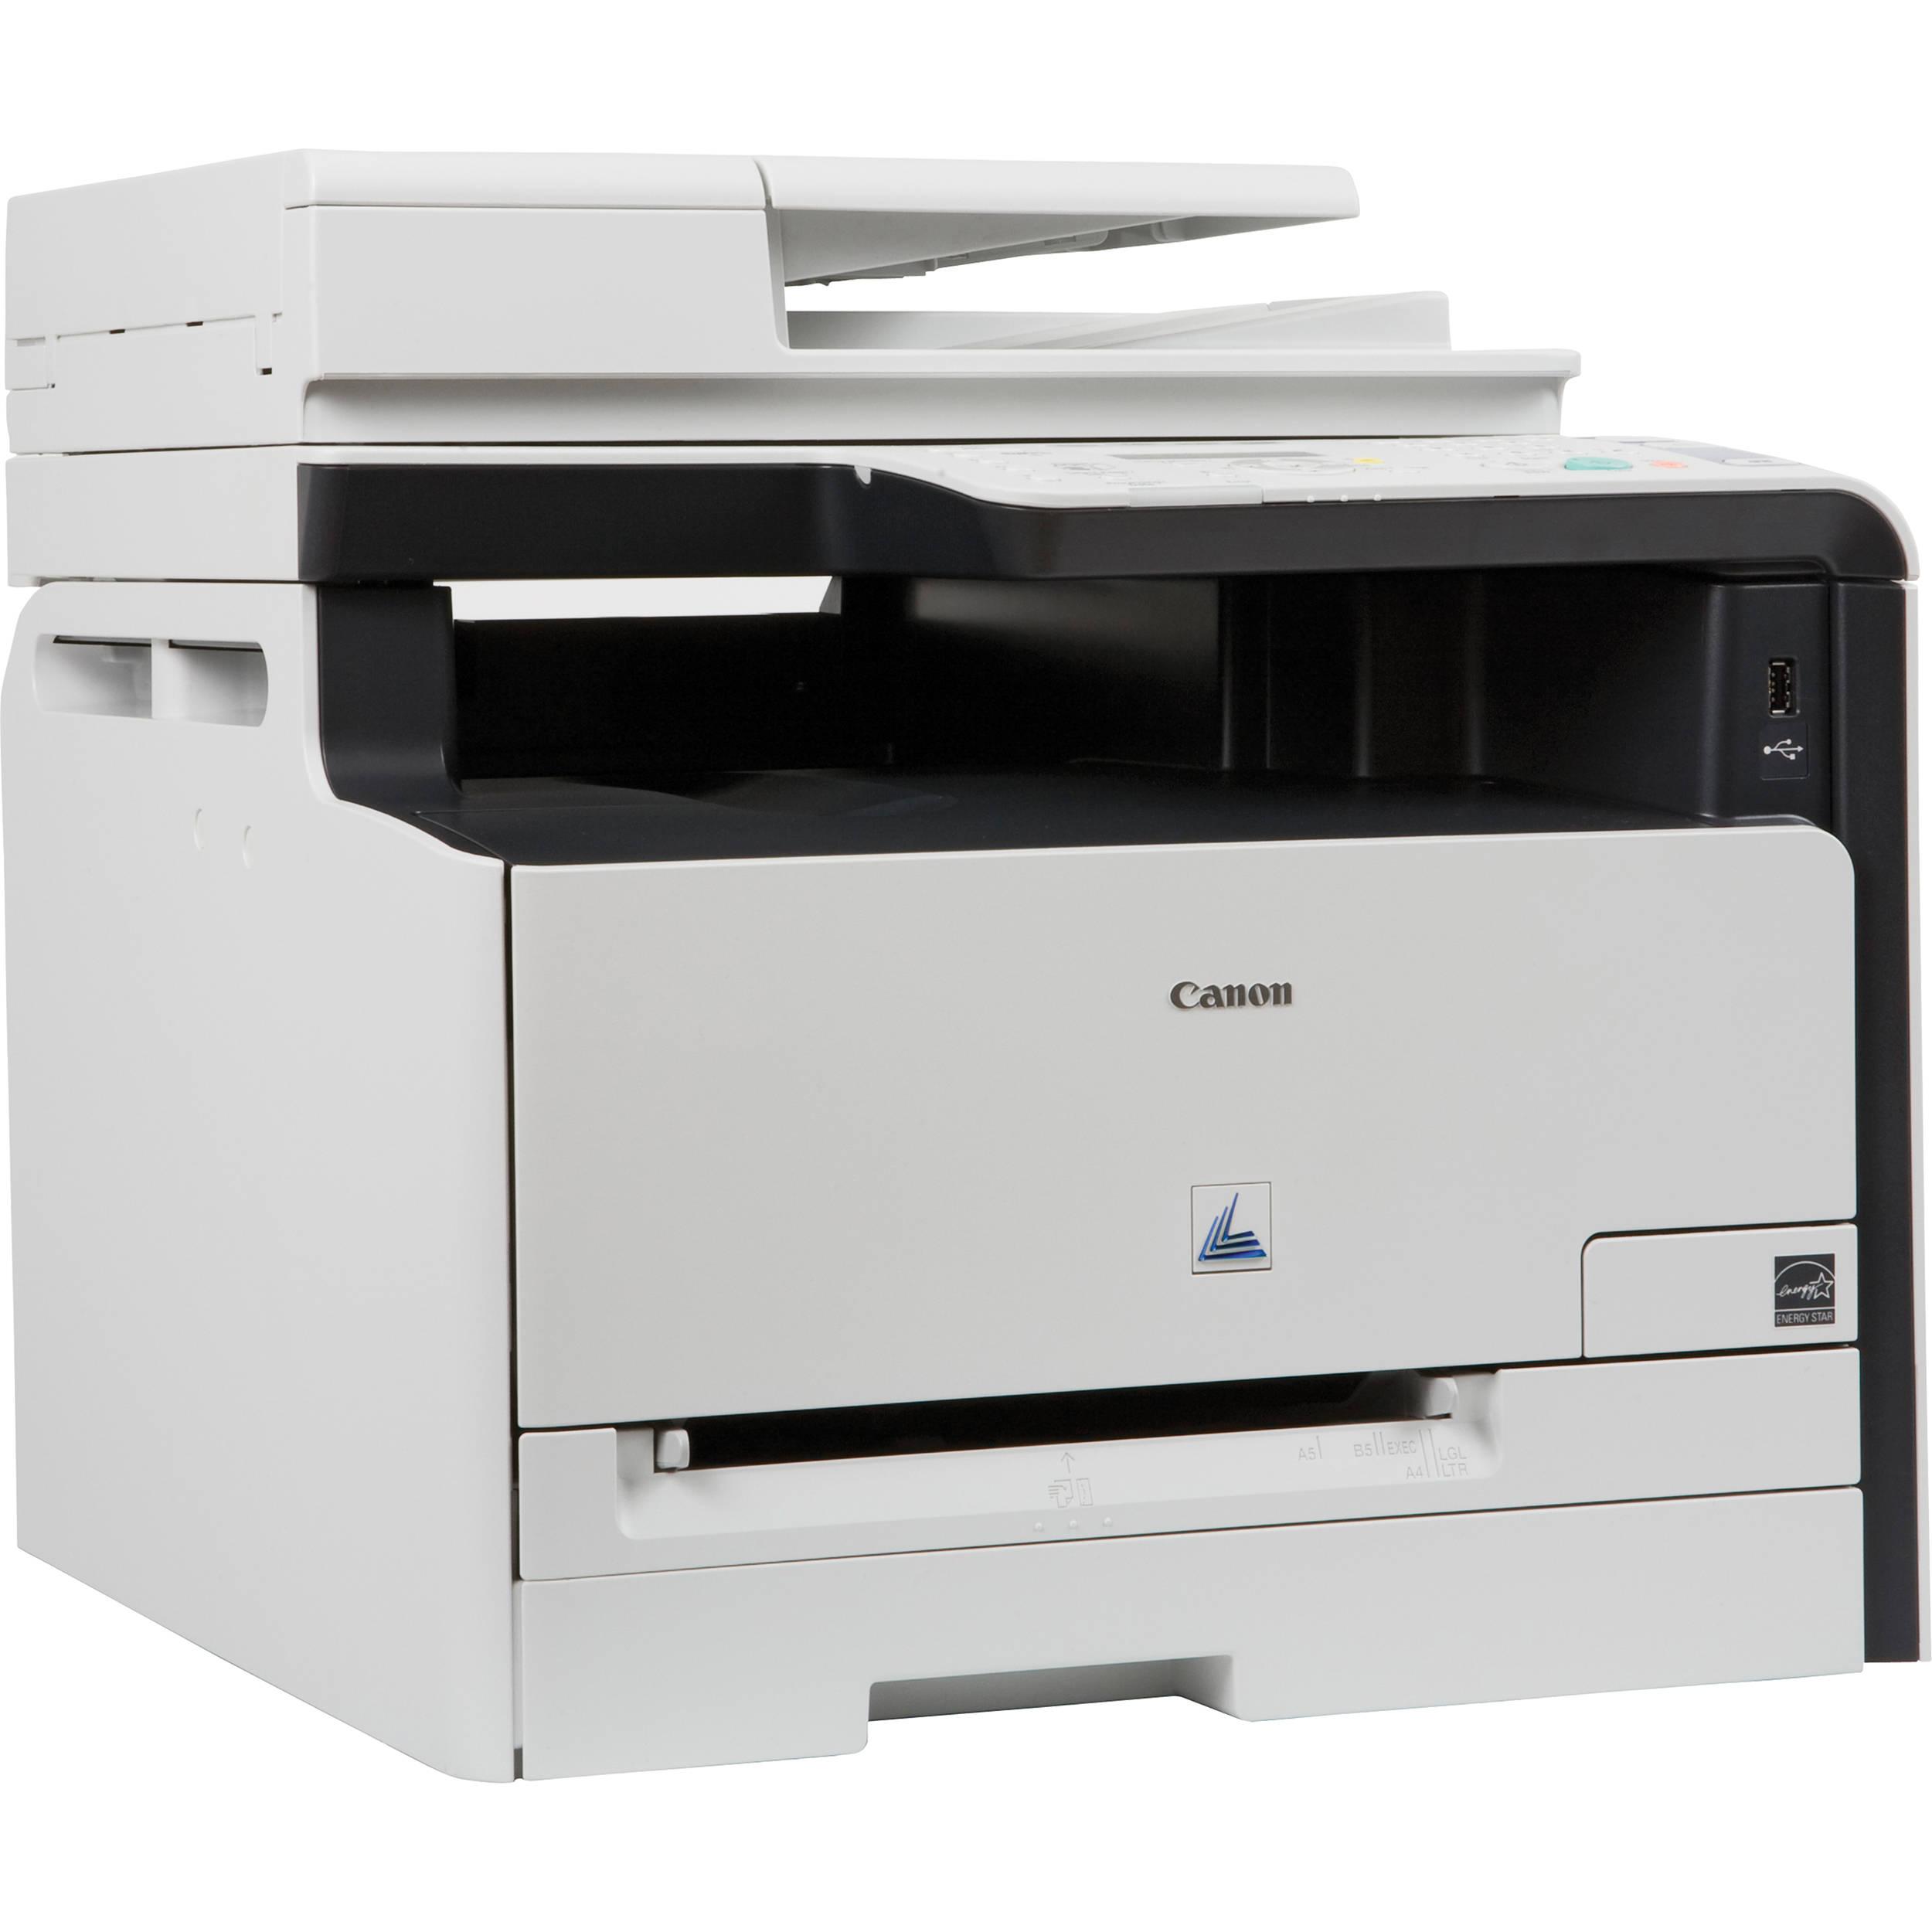 Color wireless printer laser - Canon Imageclass Mf8080cw All In One Wireless Color Laser Printer